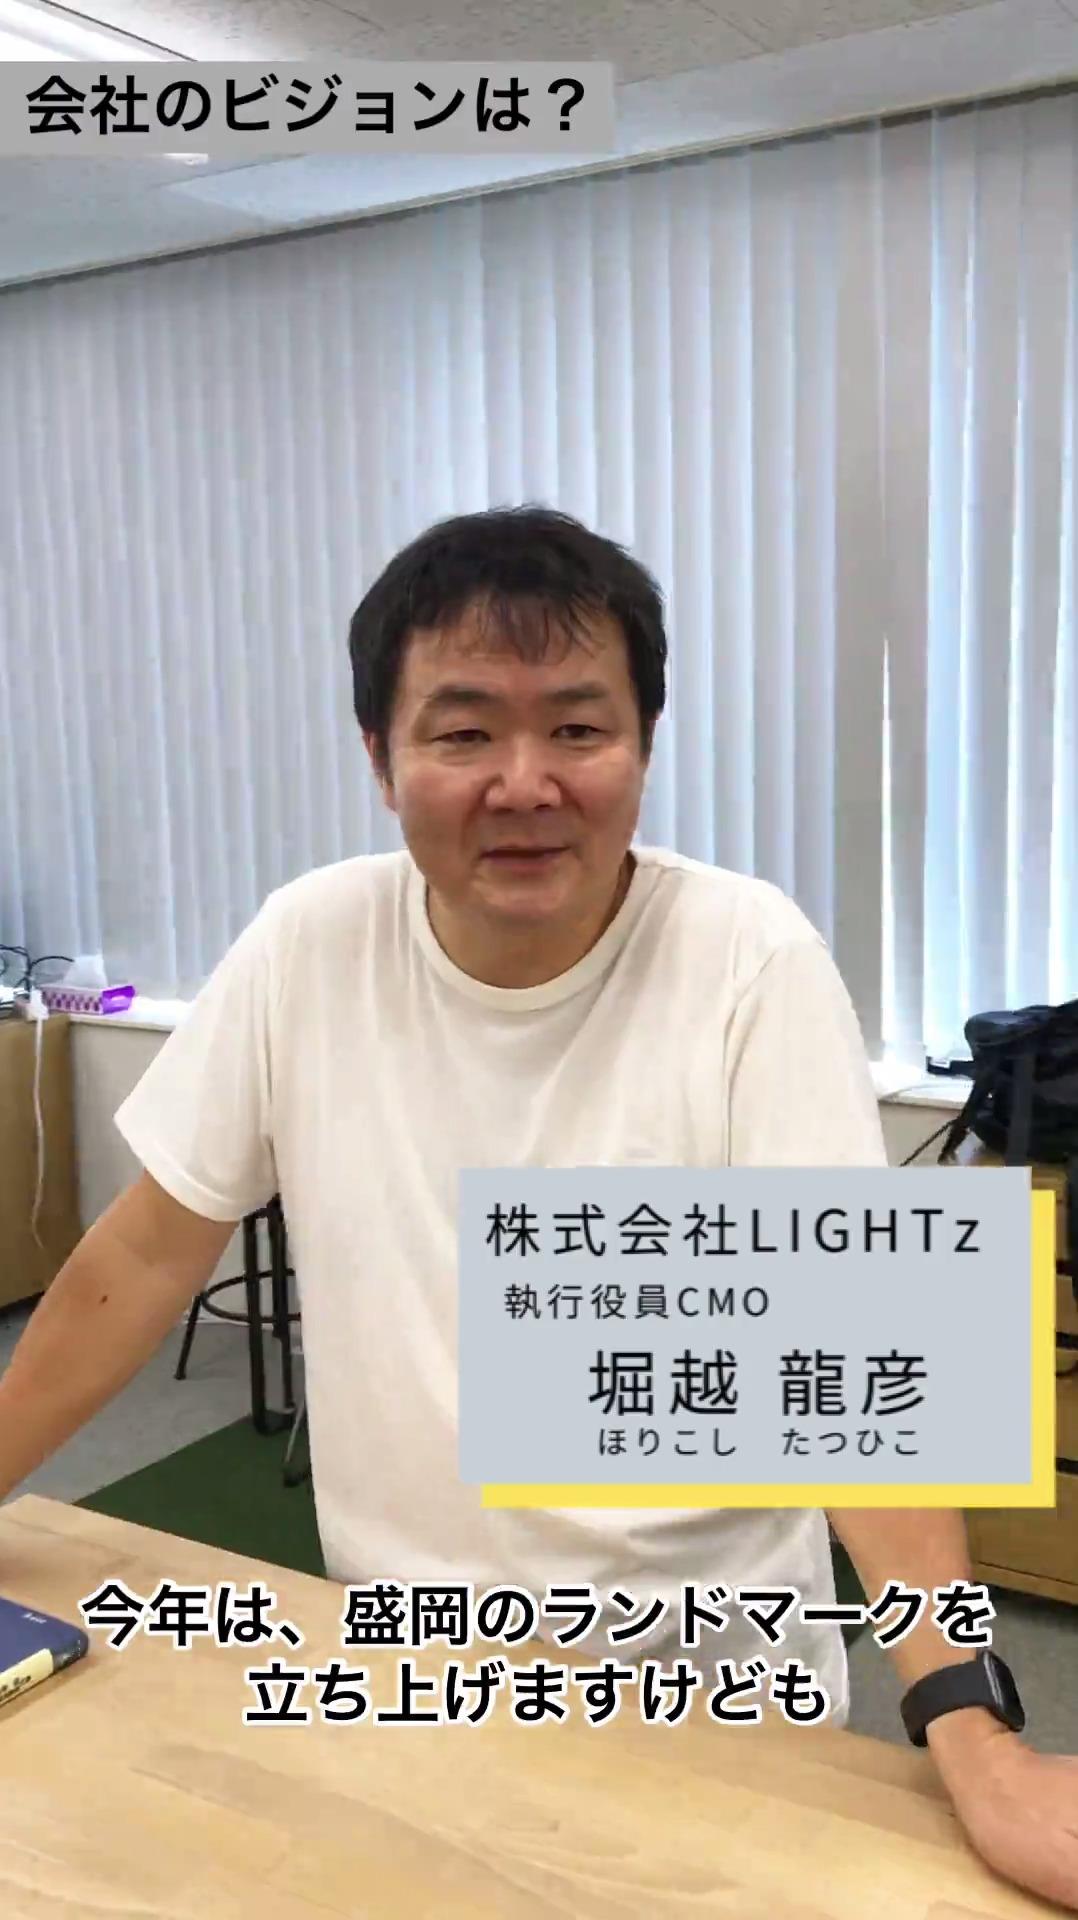 LIGHTzのAI技術で日本の伝統工芸を汎知化していく【採用動画】